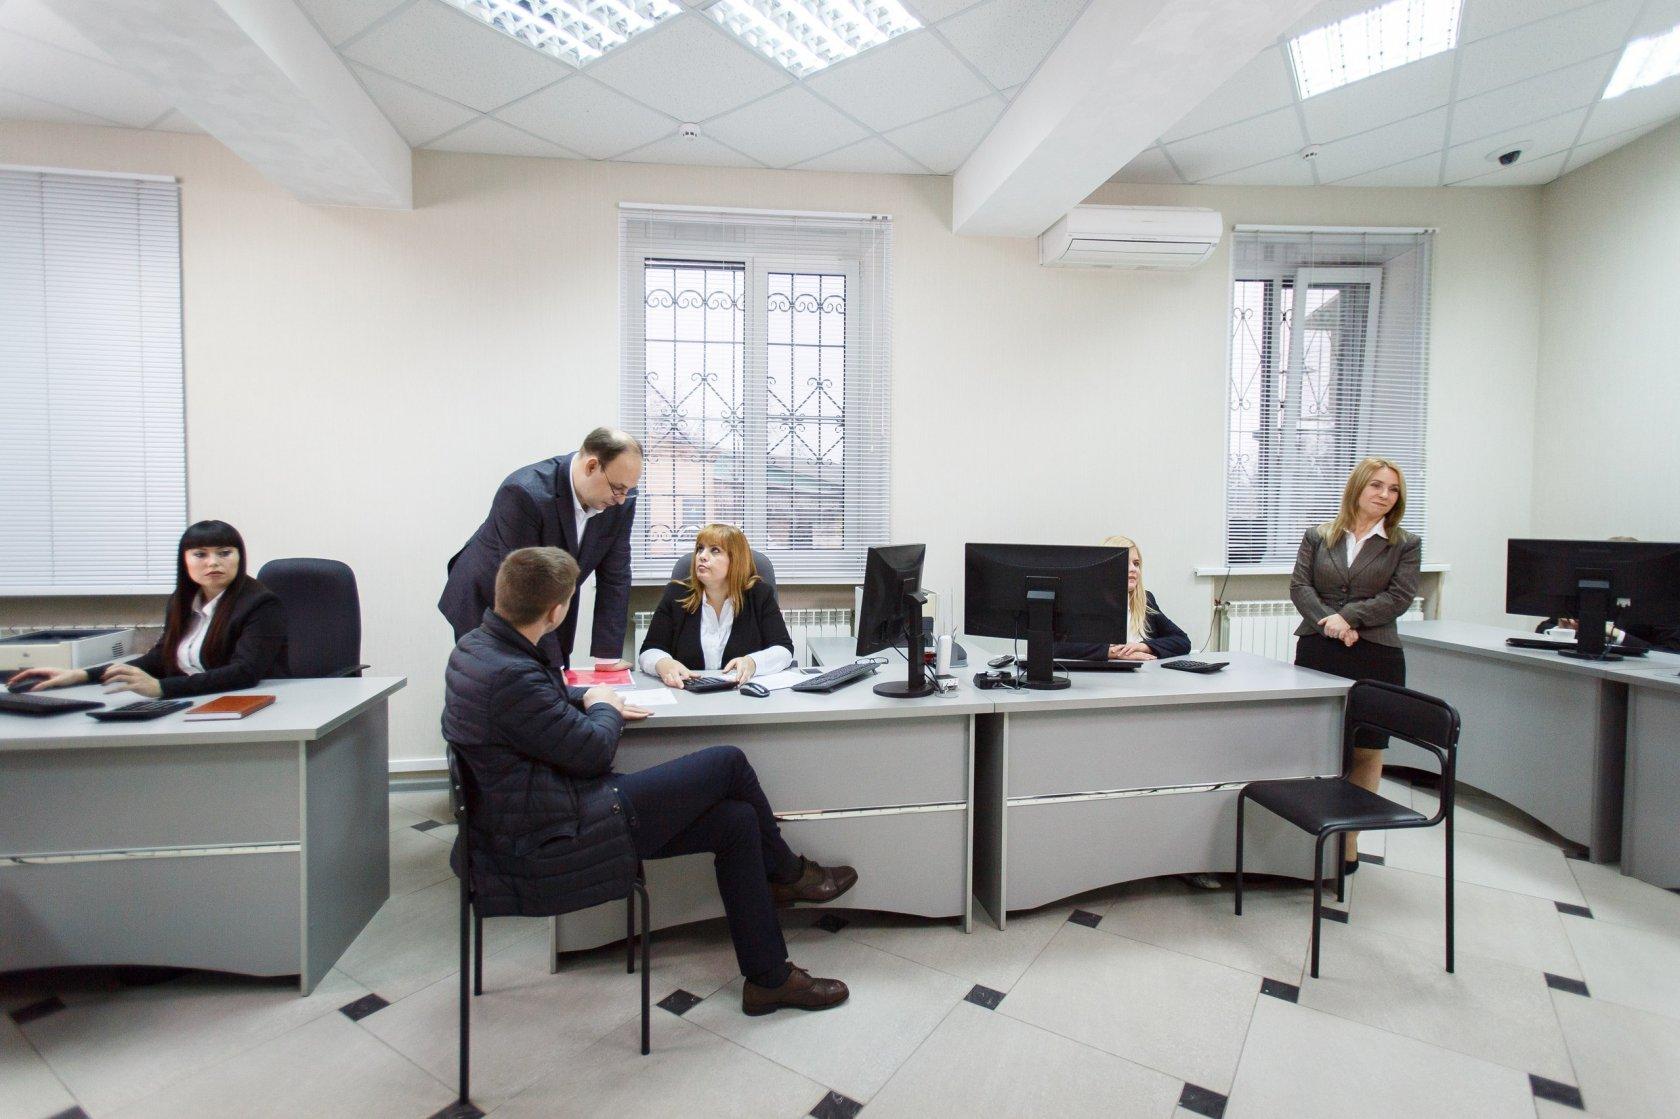 Бухгалтерское обслуживание липецк тестирование организация бухгалтеров